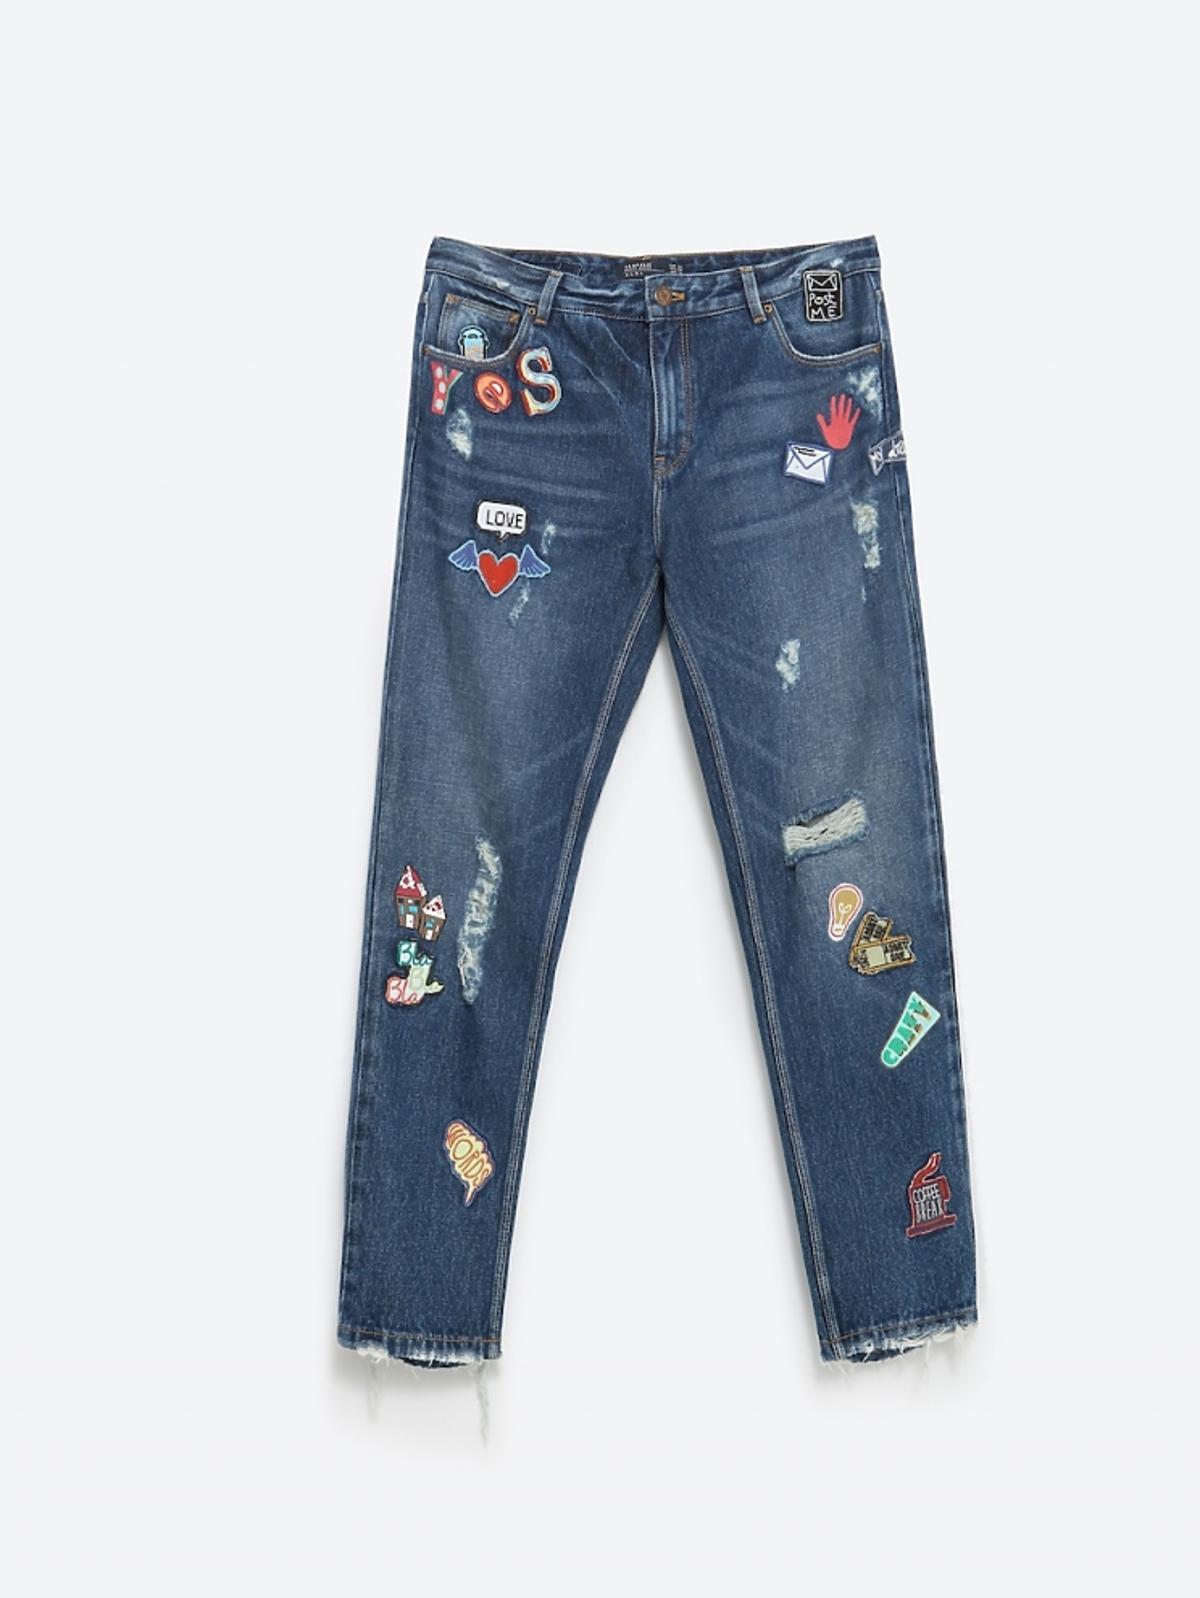 Dżinsowe spodnie z naszywkami, 89,90 zł (było: 159 zł)